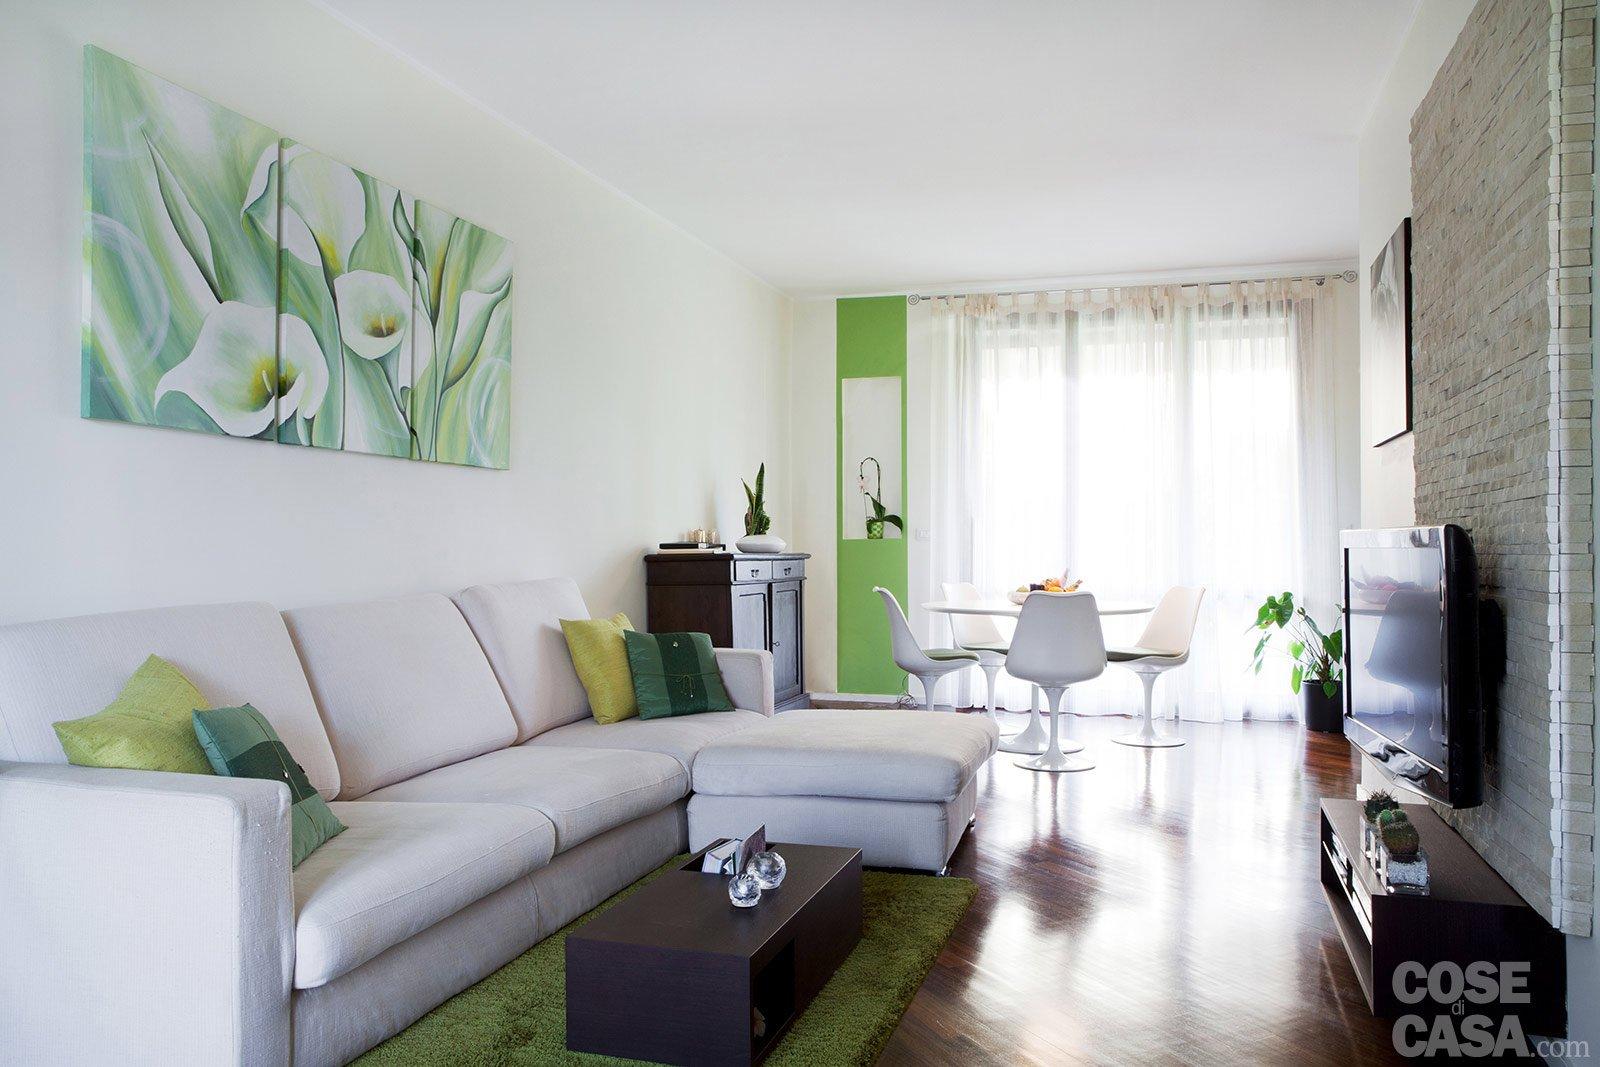 Casa pi vivibile dopo la ristrutturazione cose di casa for Piccoli piani di casa di un livello